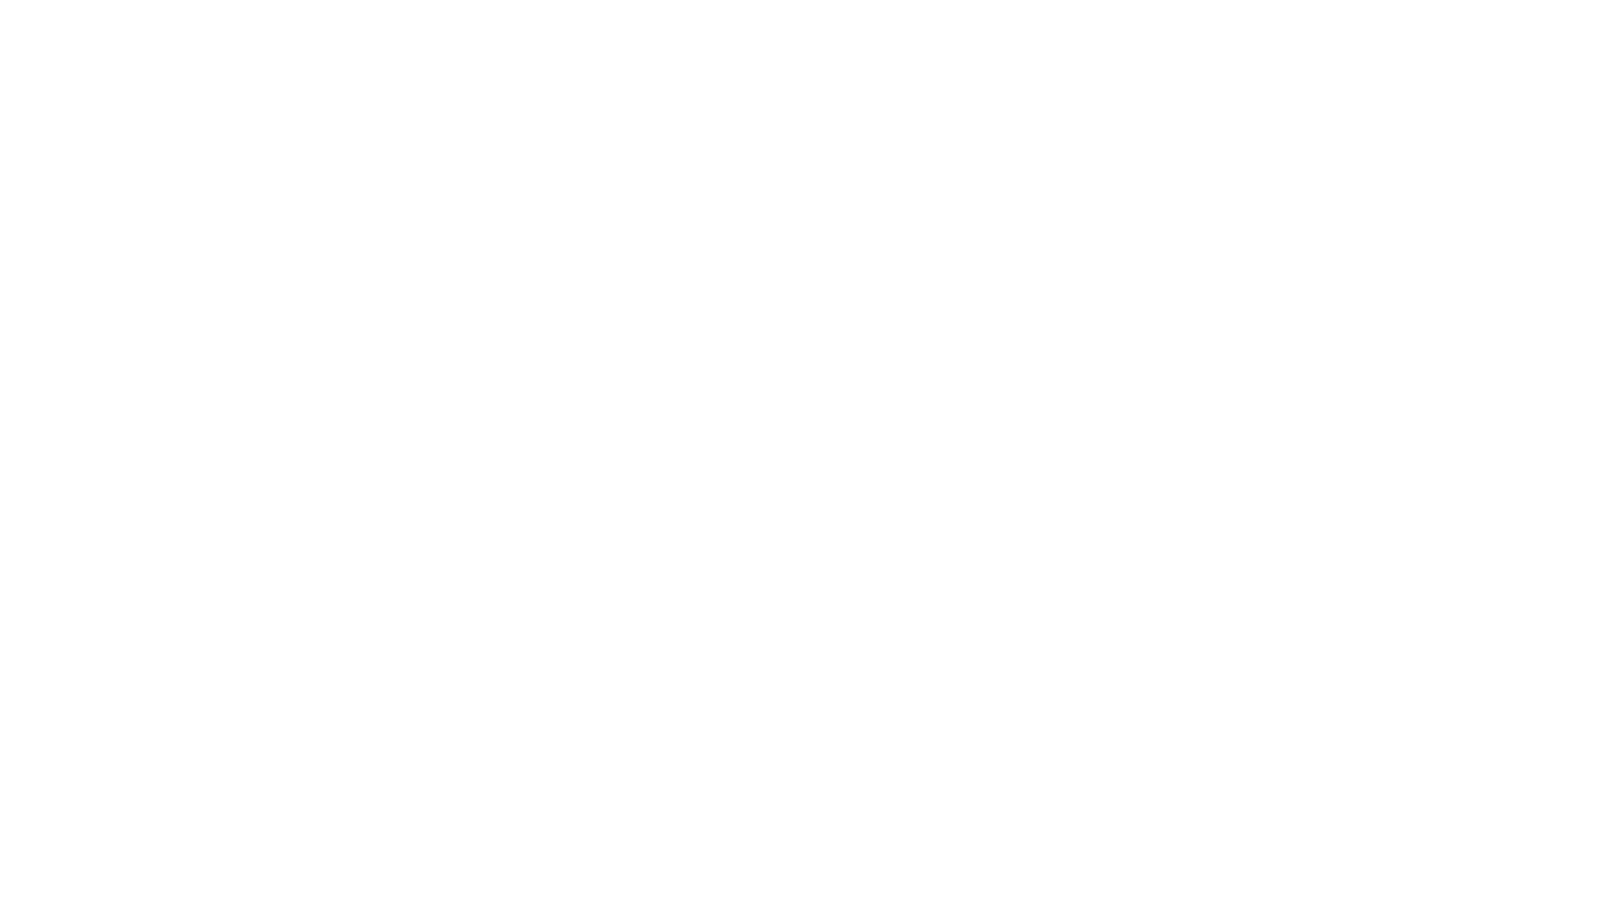 """Am 8. Mai 2021 schreddert Die PARTEI Gutscheine von Cafés, Restaurants und anderen Dienstleistern. Jeder, der einen Gutschein mitbrachte, bekam ein kleines Kunstwerk als Erinnerung zurück.  Die Aktion soll den Firmen helfen, die nach der Pandemie endlich wieder Geld verdienen dürfen und sich nicht mit """"Altlasten"""" abstrampeln müssen."""